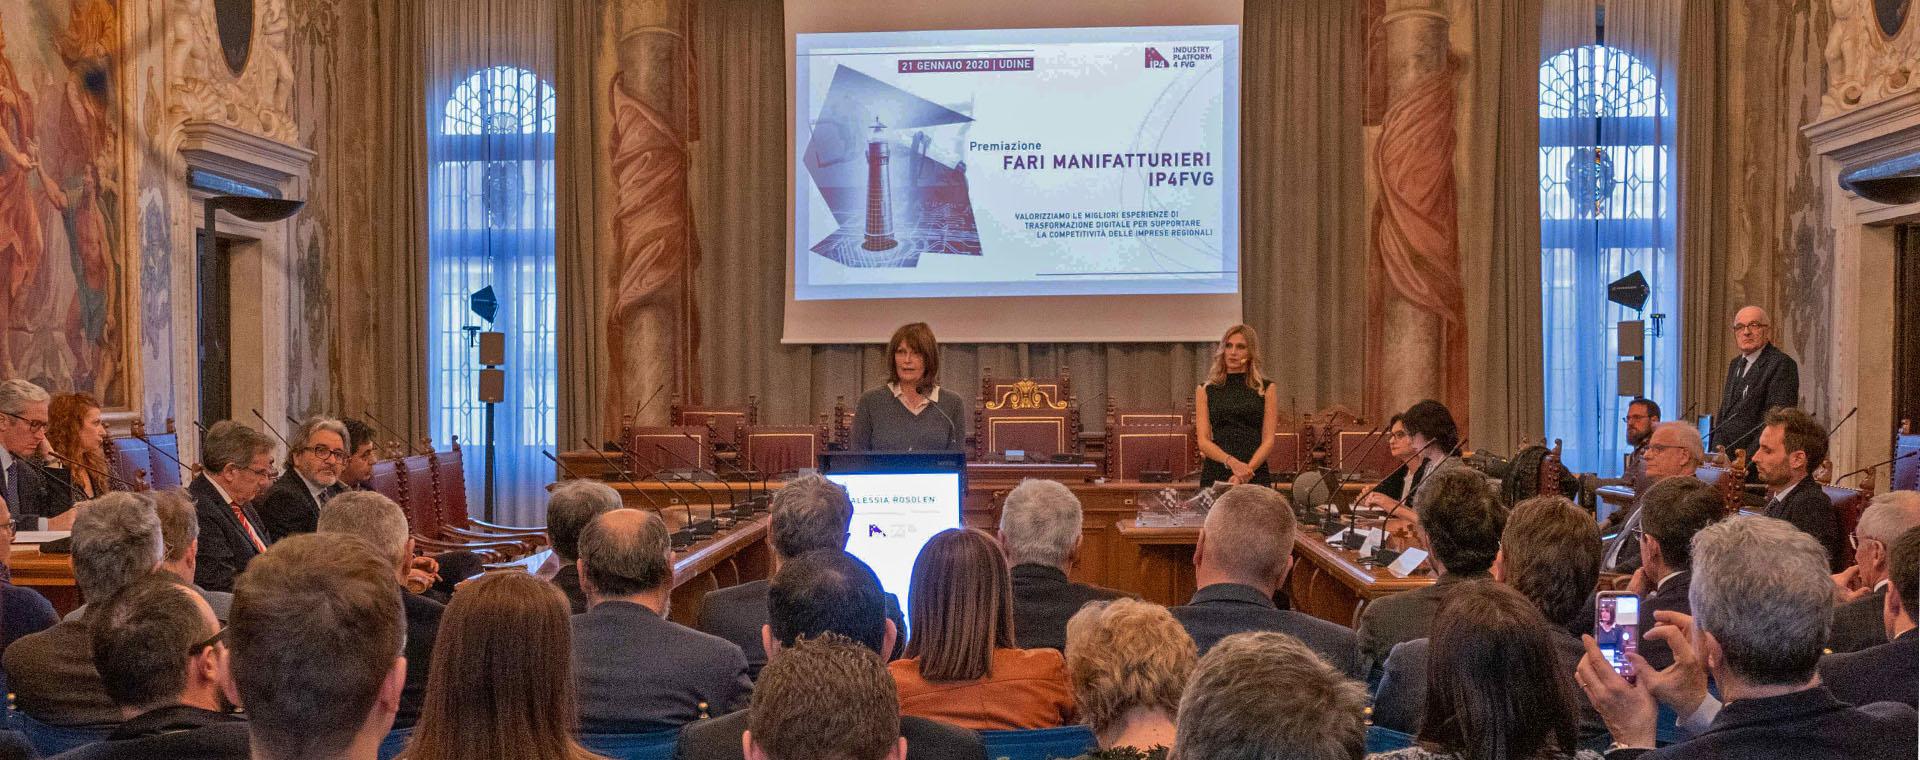 Premiati i Fari Manifatturieri del Friuli Venezia Giulia